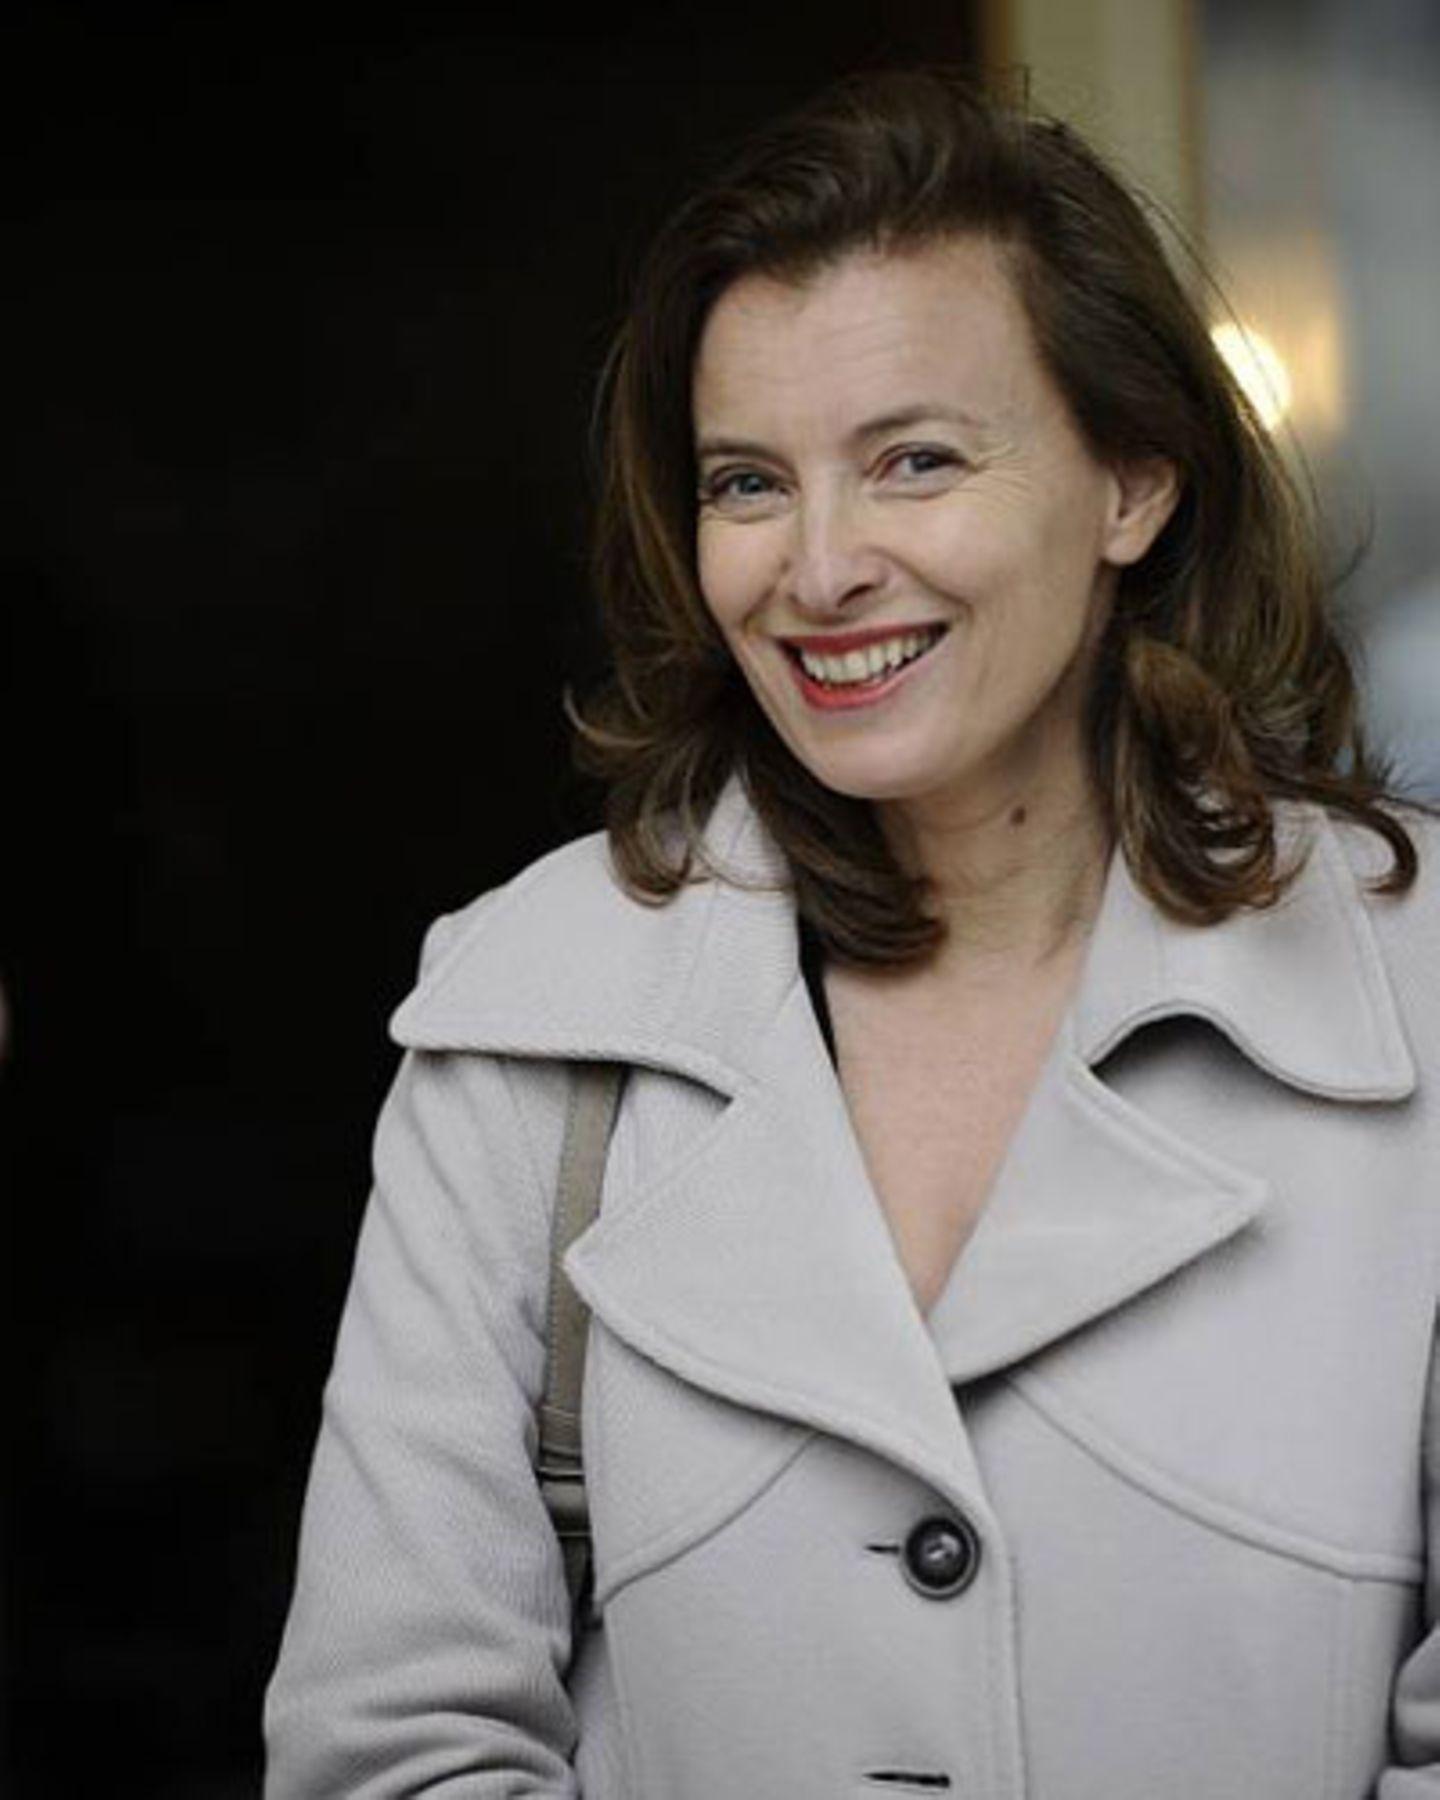 Frankreichs First Lady: Valerie Trierweiler